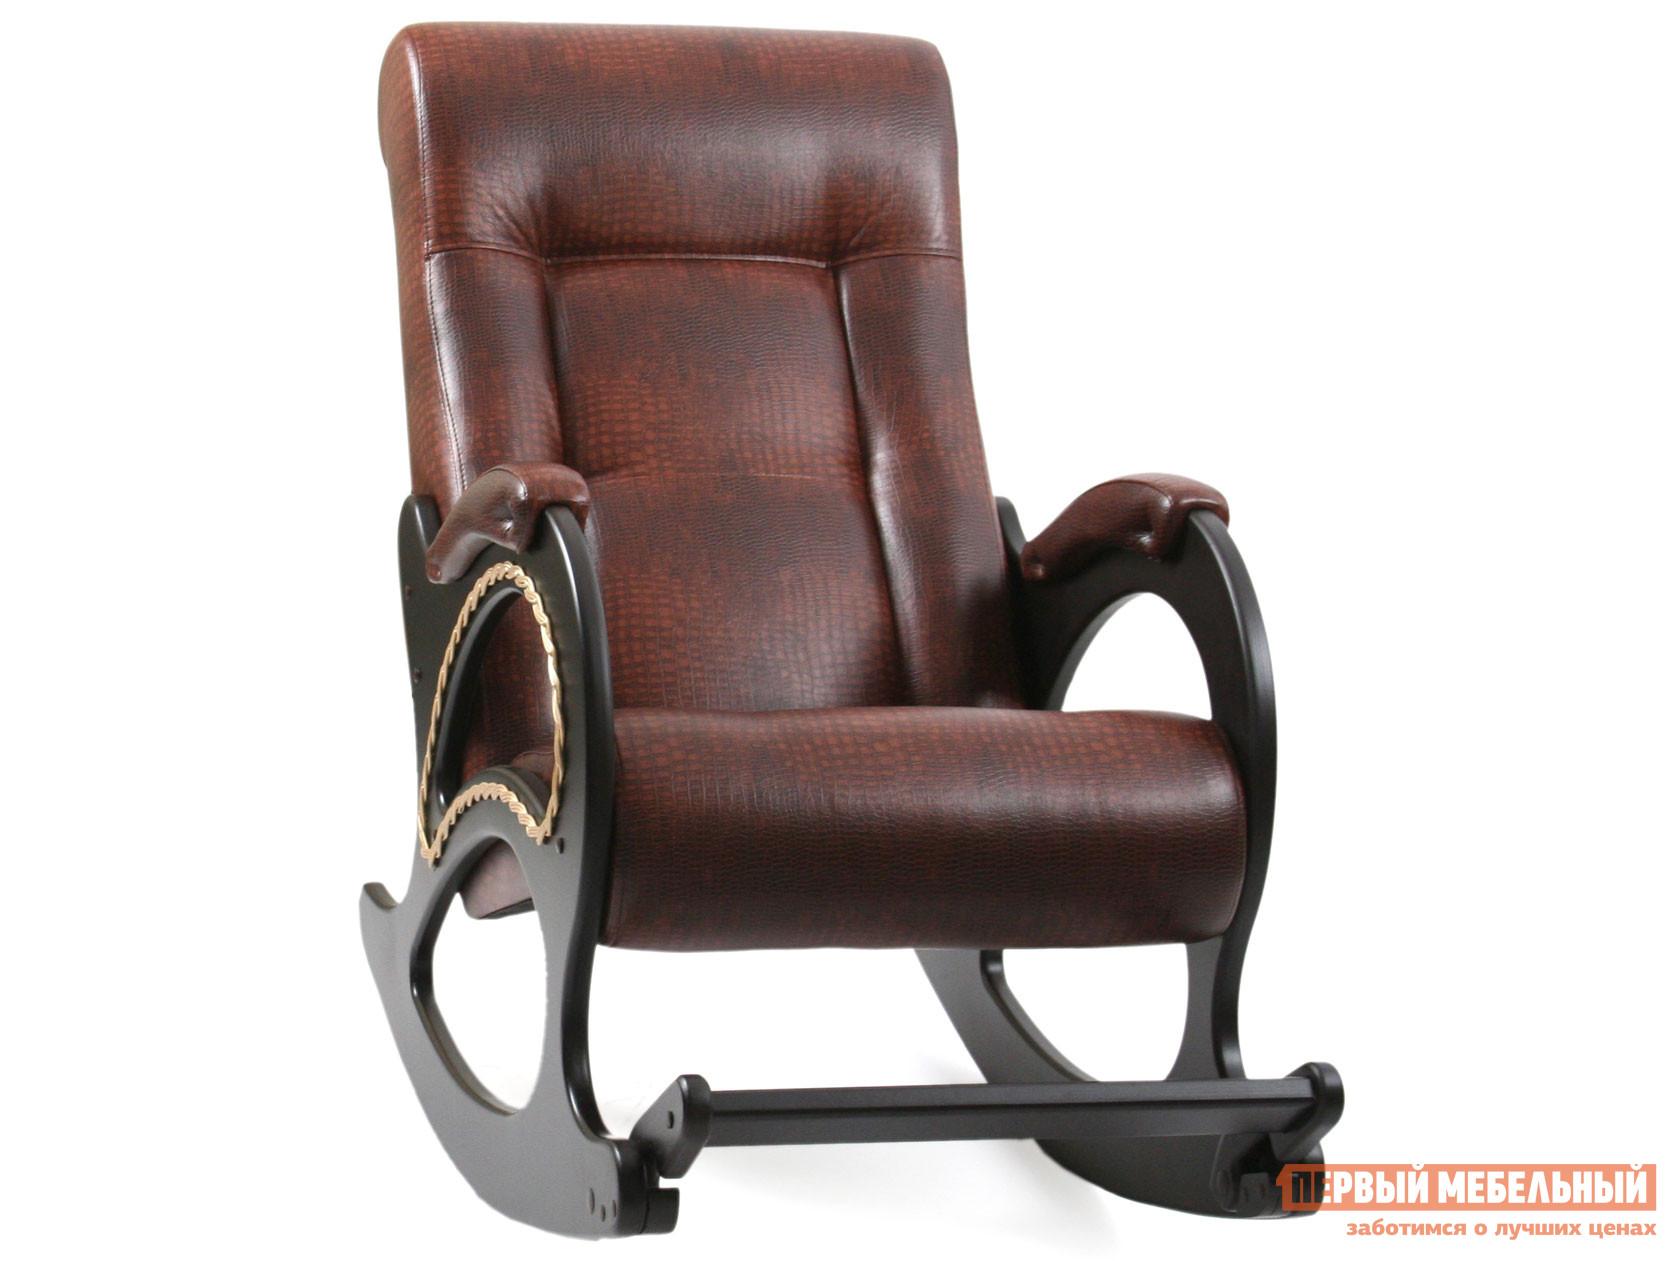 Кресло-качалка Мебель Импэкс Кресло-качалка Комфорт Модель 44 кресло качалка мебель импэкс кресло качалка складное белтех